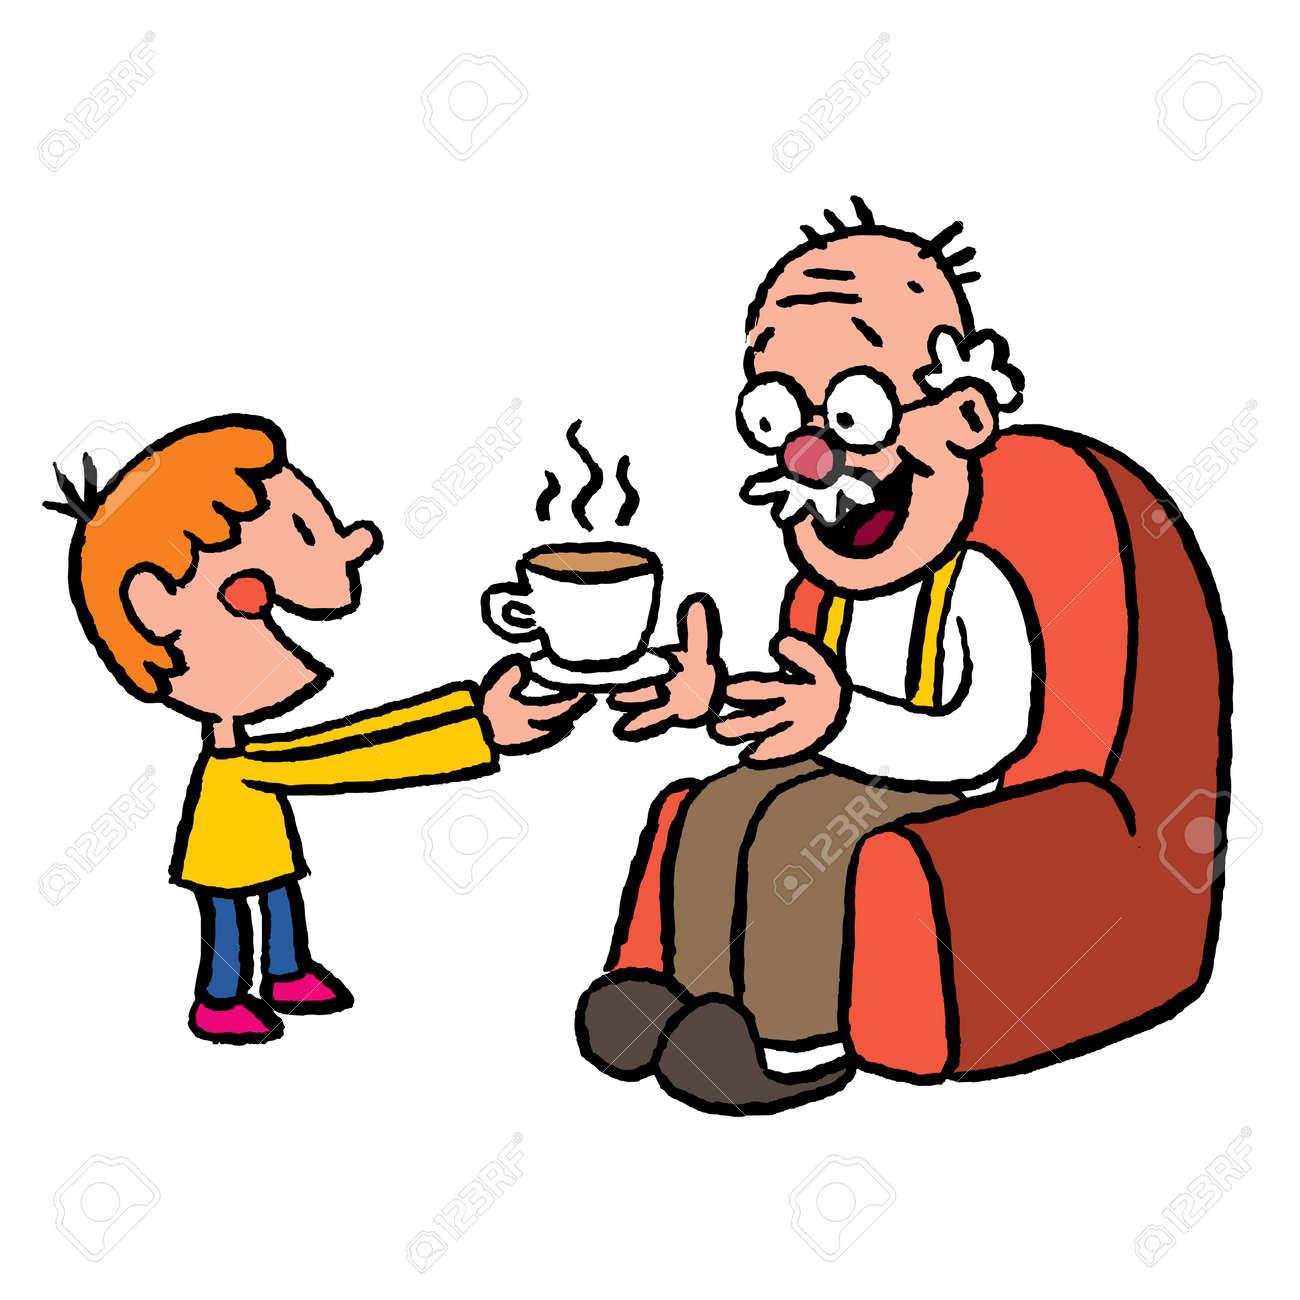 grandson bringing tea to